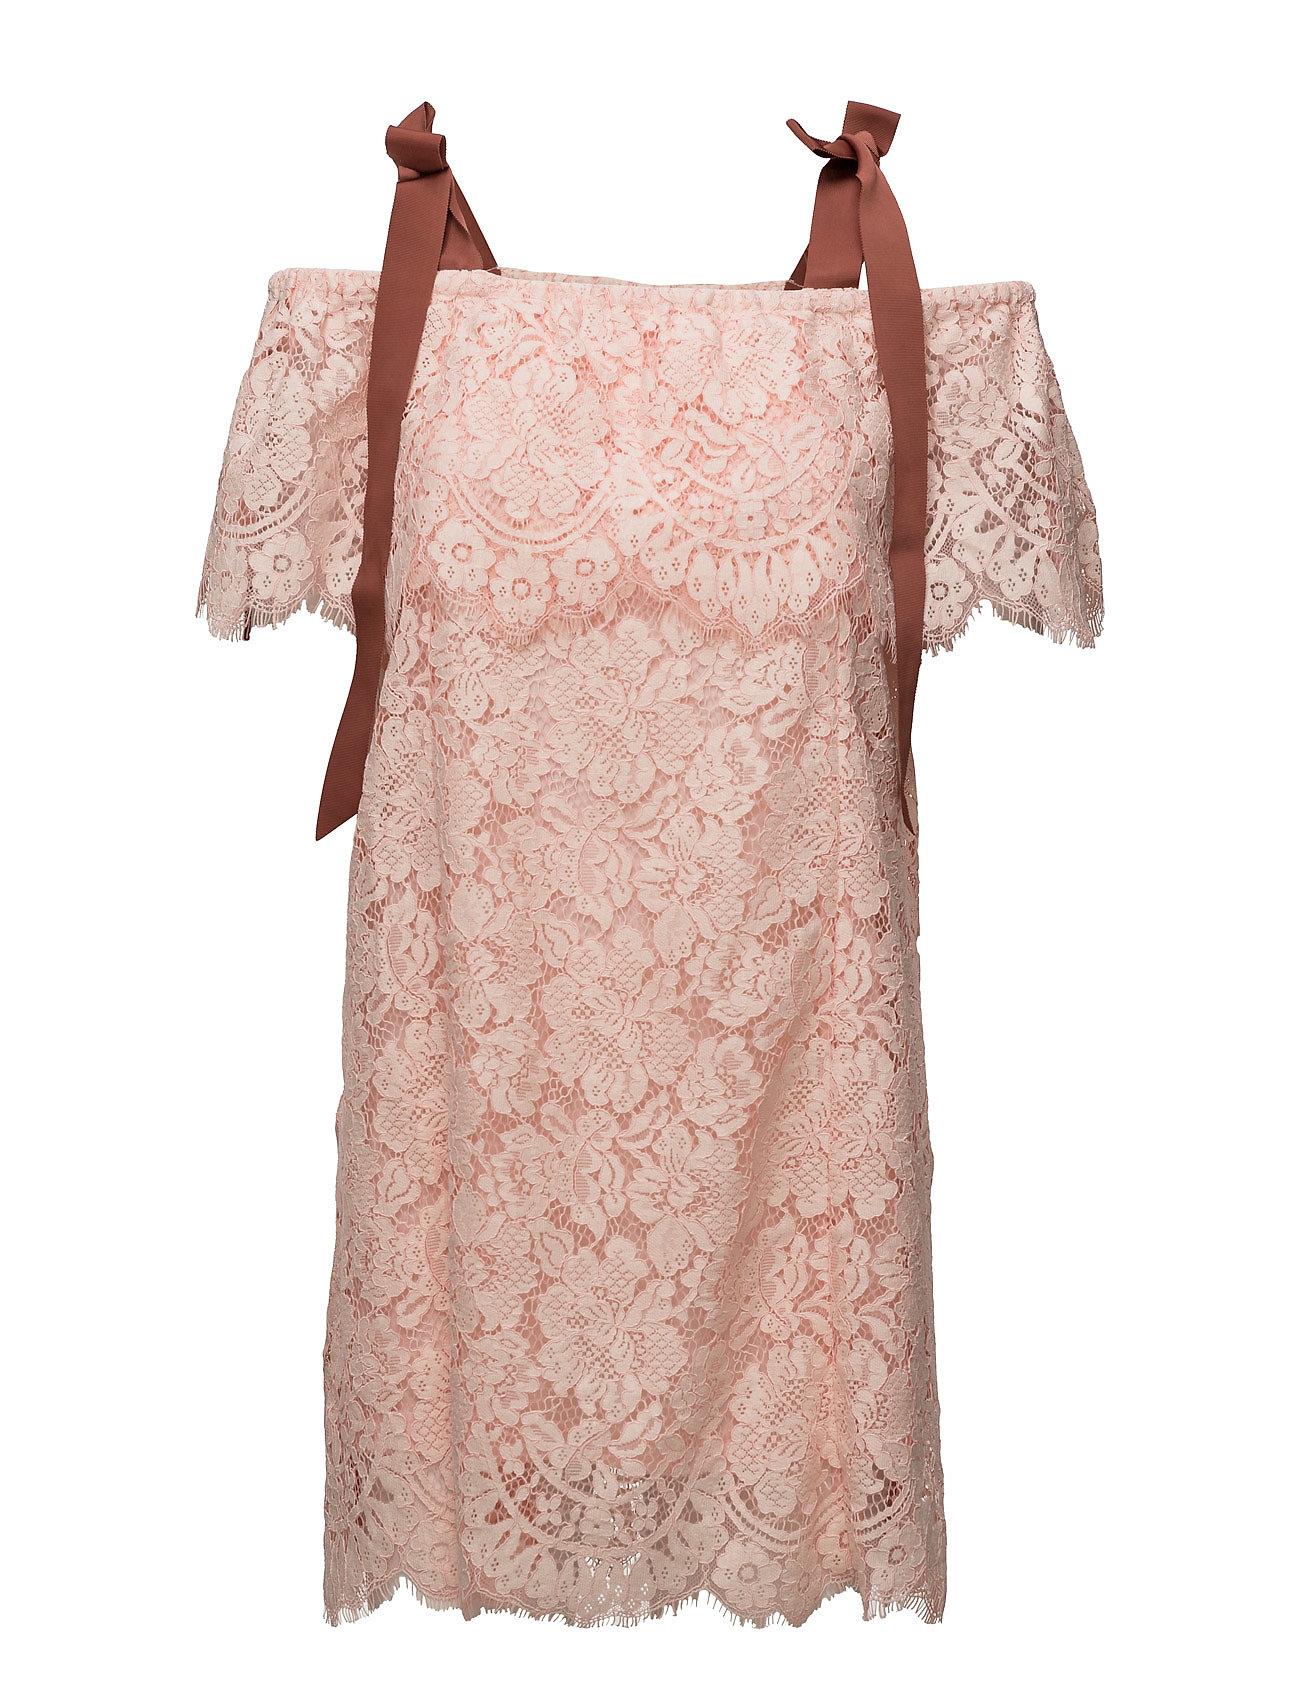 718fe17e Duval Lace Dress (Cloud Pink) (593.45 zł) - Ganni - Sukienki | Boozt.com